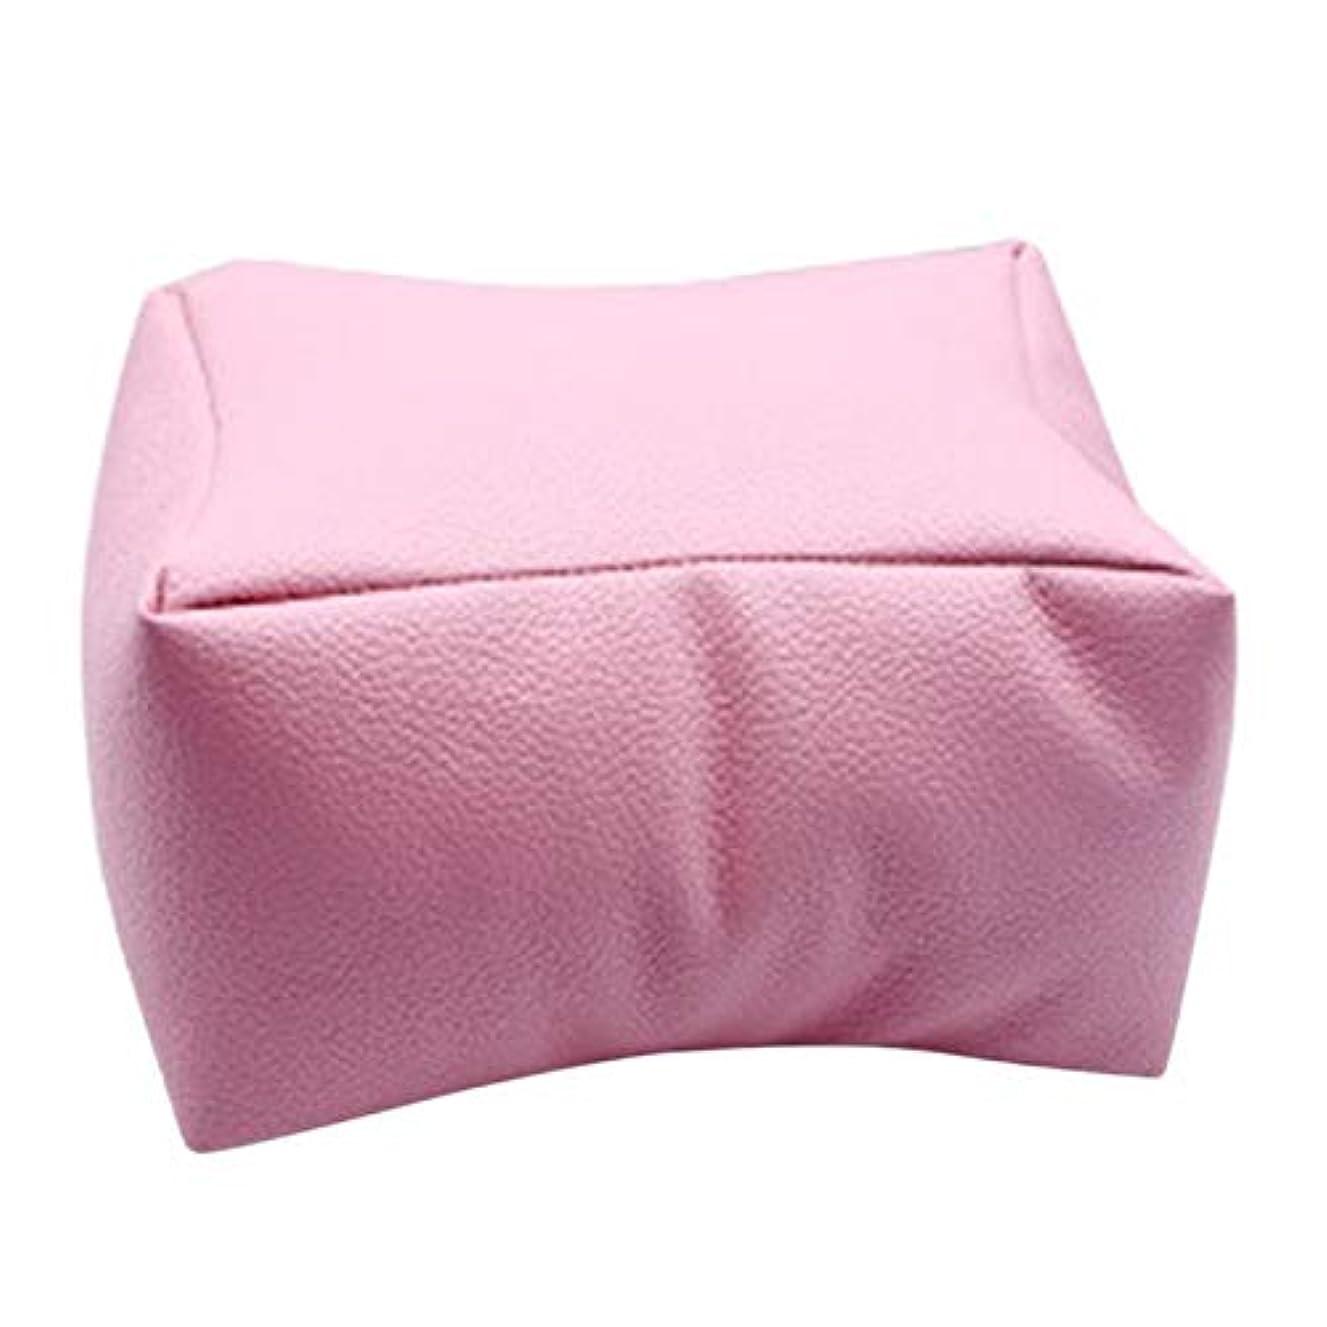 留まるジーンズ感じるTOOGOO 1個ネイルアート機器ハンドレストクッション枕ソフトpuレザーフットハンドホルダー二重使用マニキュアネイルアート機器ピンク